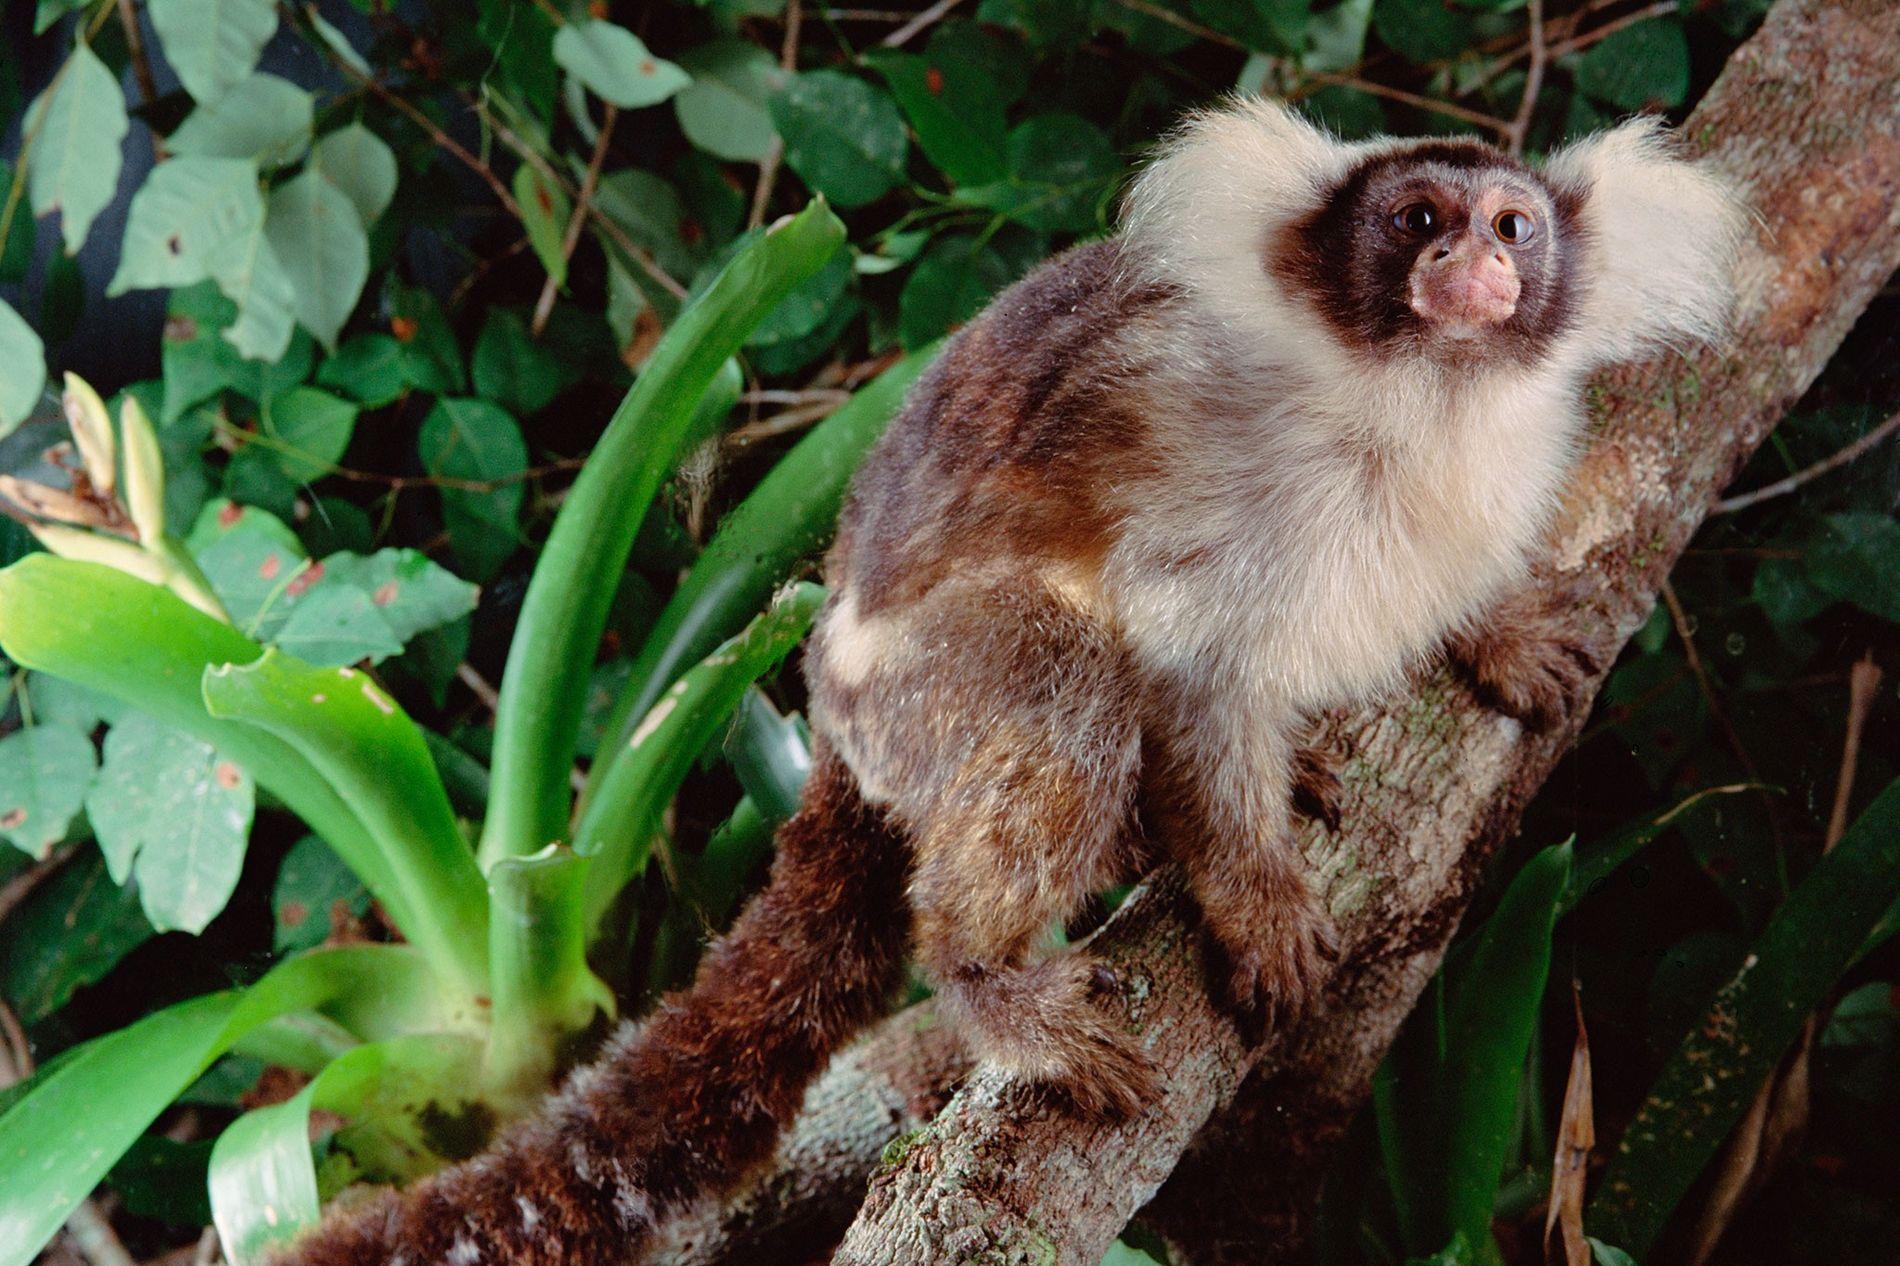 Ein Weißschulter-Seidenäffchen sitzt in einem gesunden Baum in einem brasilianischen Wald. Einige Primatenarten, die erst in ...